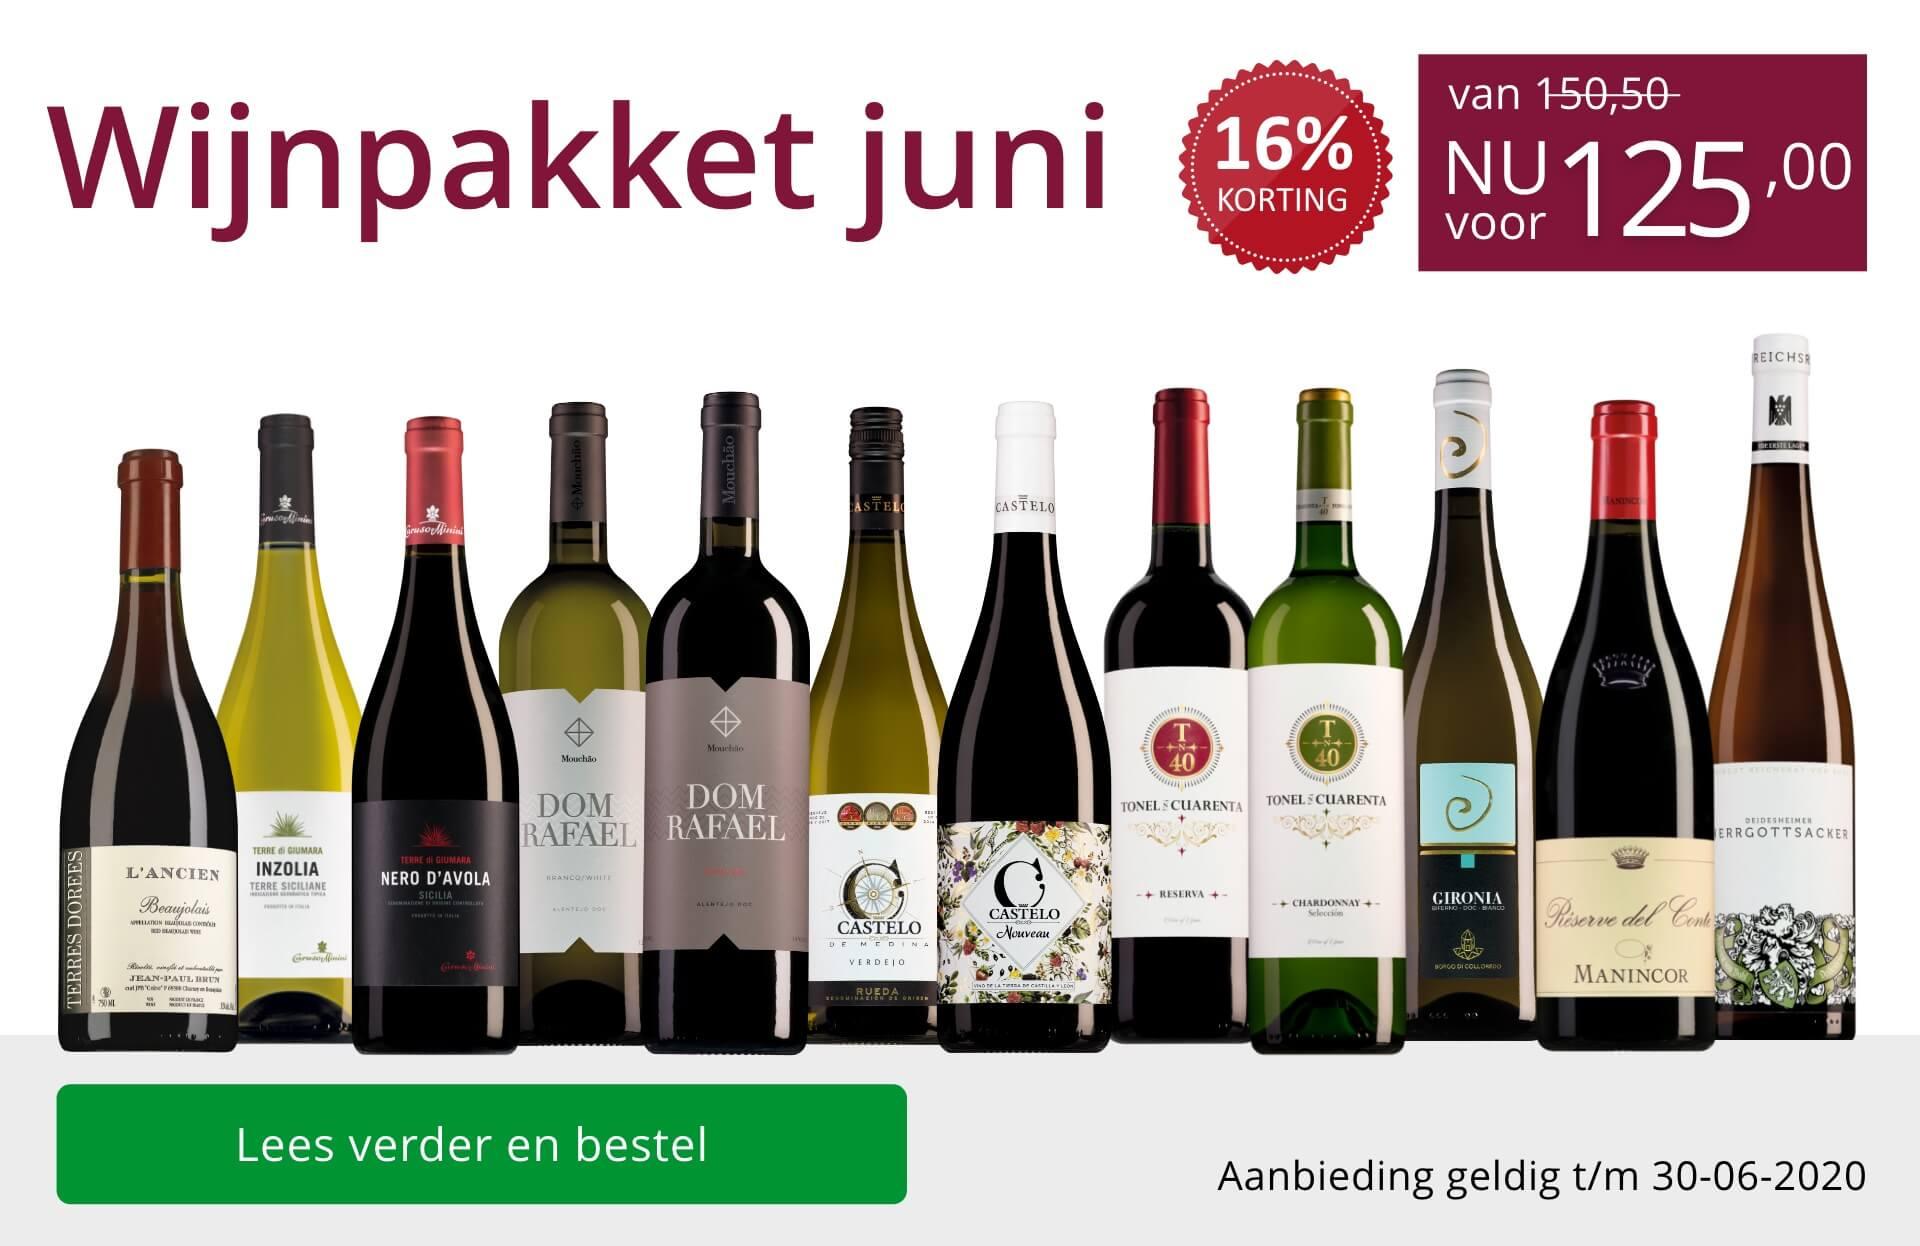 Wijnpakket wijnbericht juni 2020 (125,00) - paars